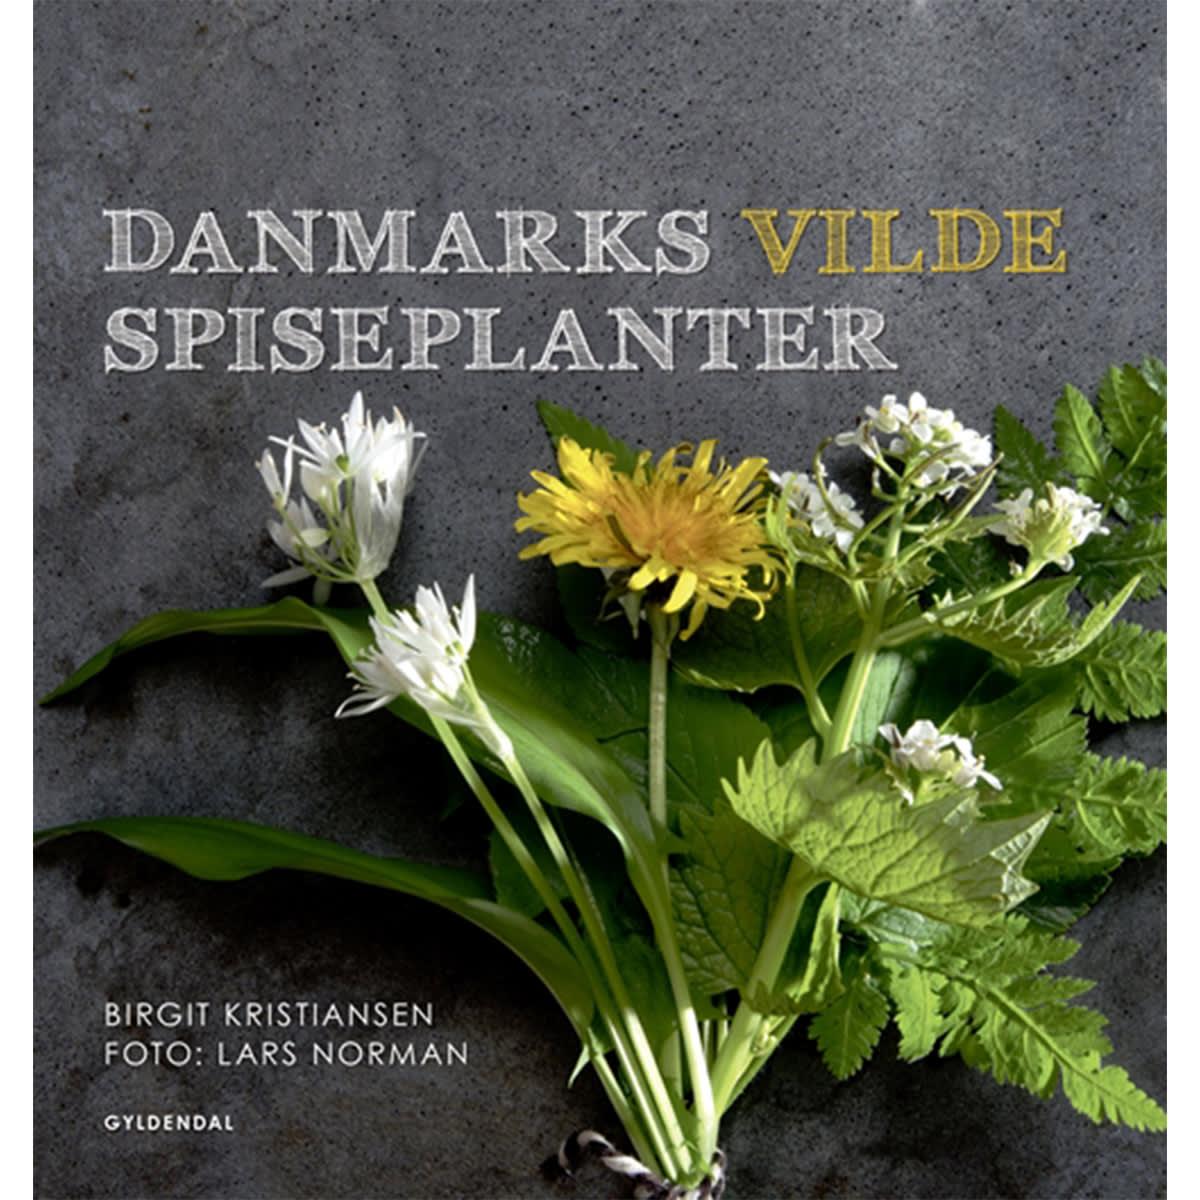 Af Birgit Kristiansen